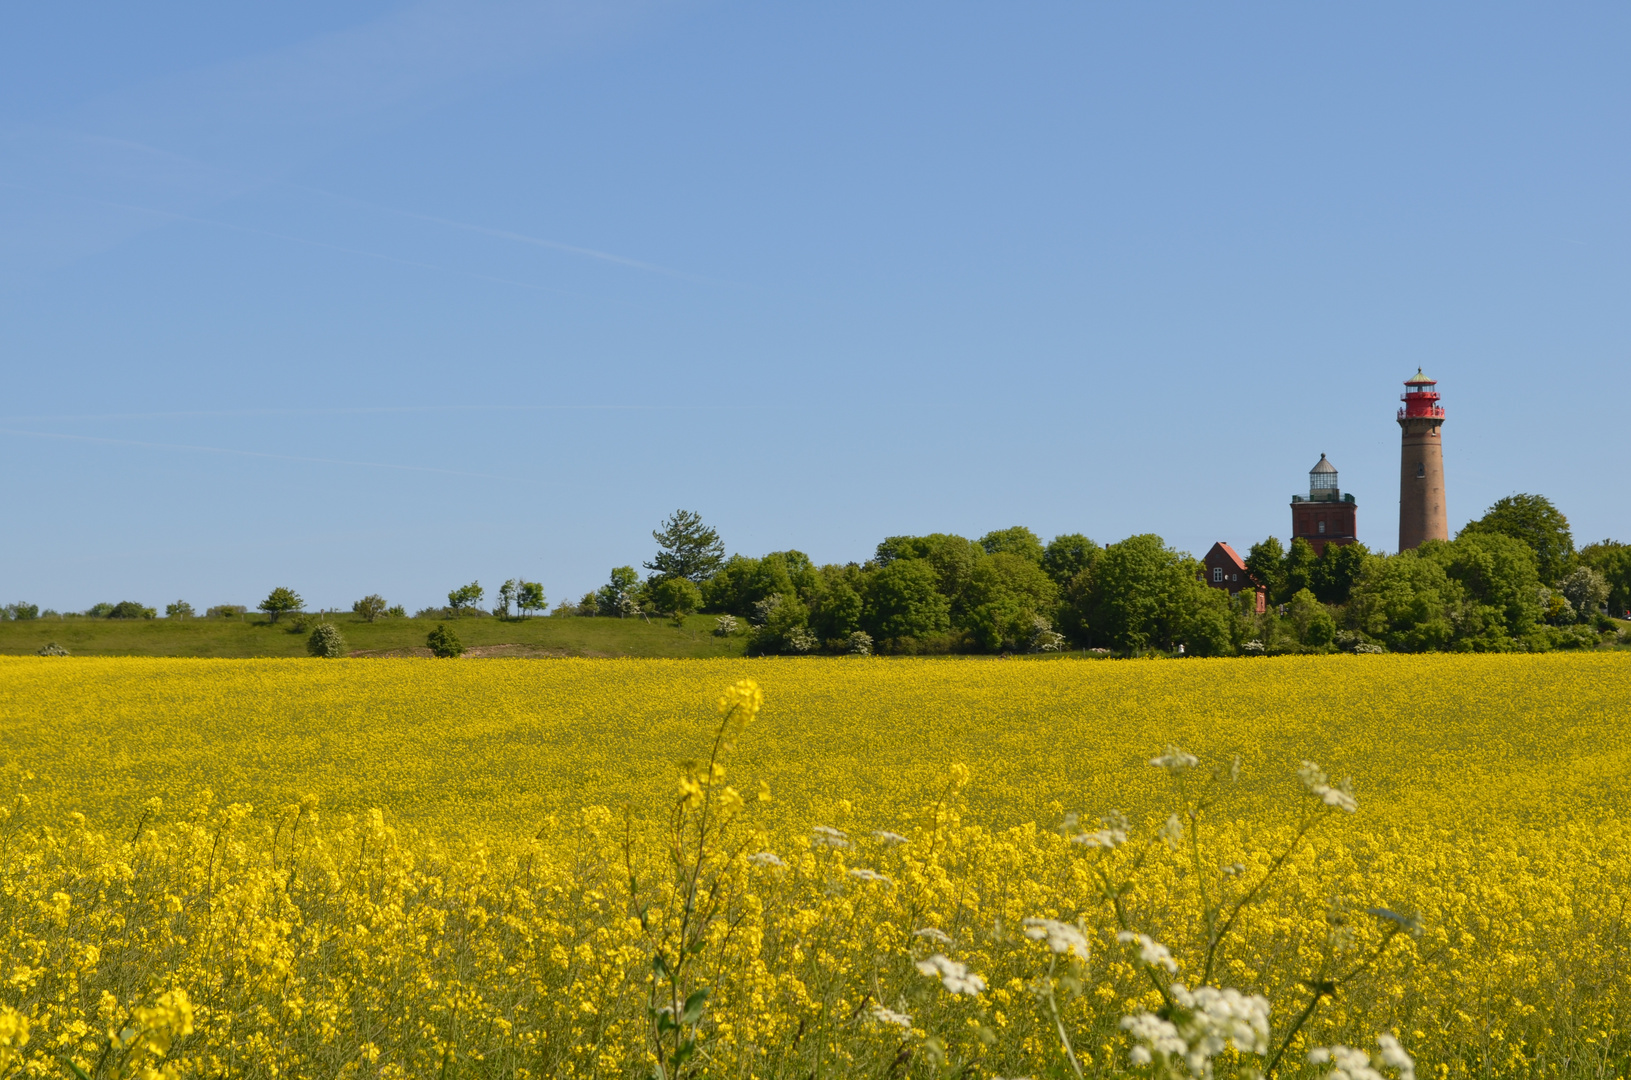 Rapsfeld mit Blick auf den Leuchtturm Kap Arkona, Rügen